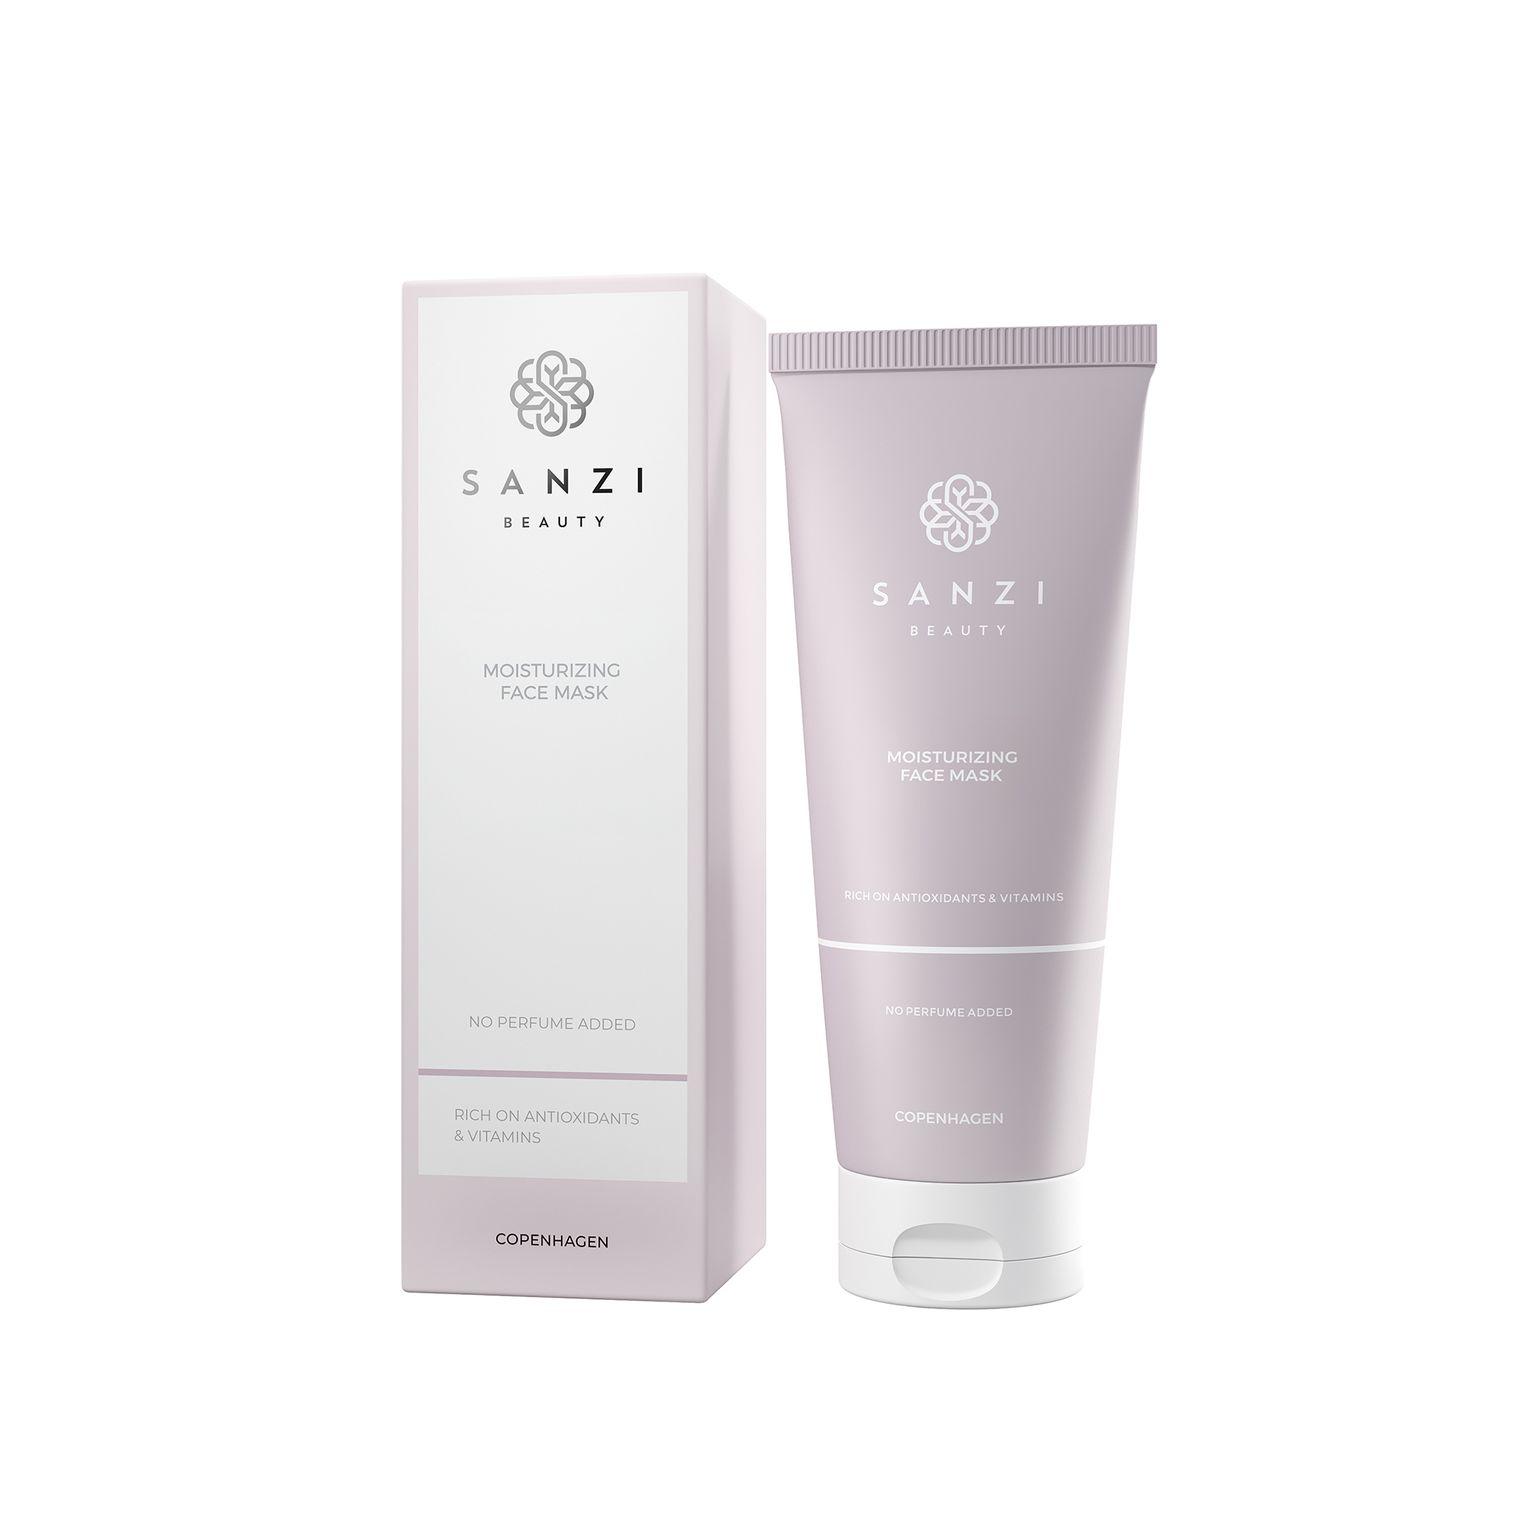 Sanzi Beauty Moisturizing Face Mask, 100 ml